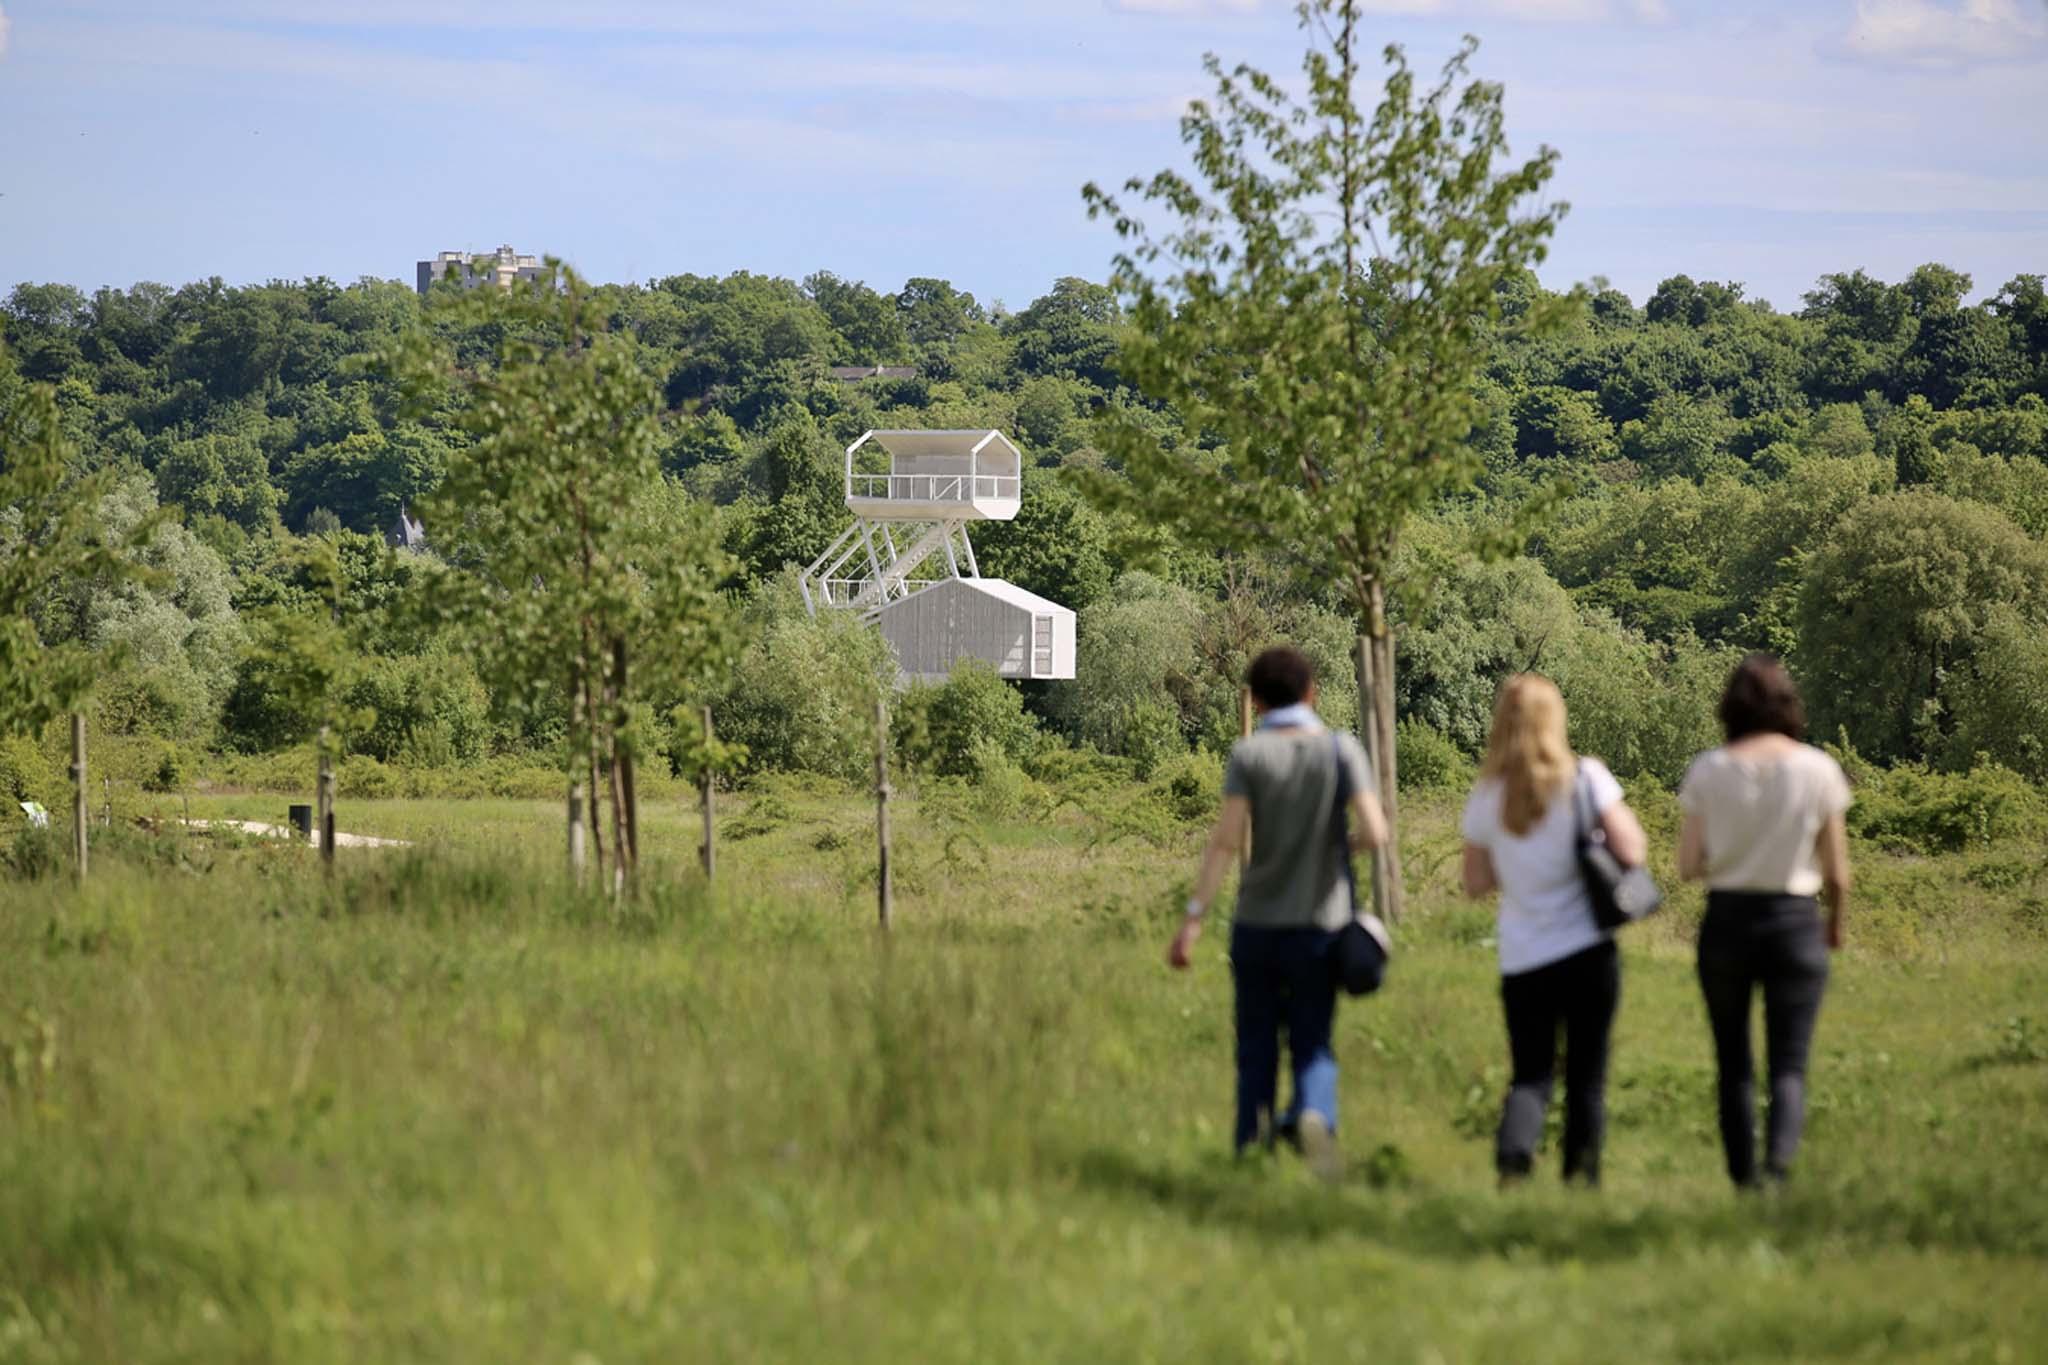 Le parc du peuple de l 39 herbe inaugur entre seine et terre for Parc des yvelines